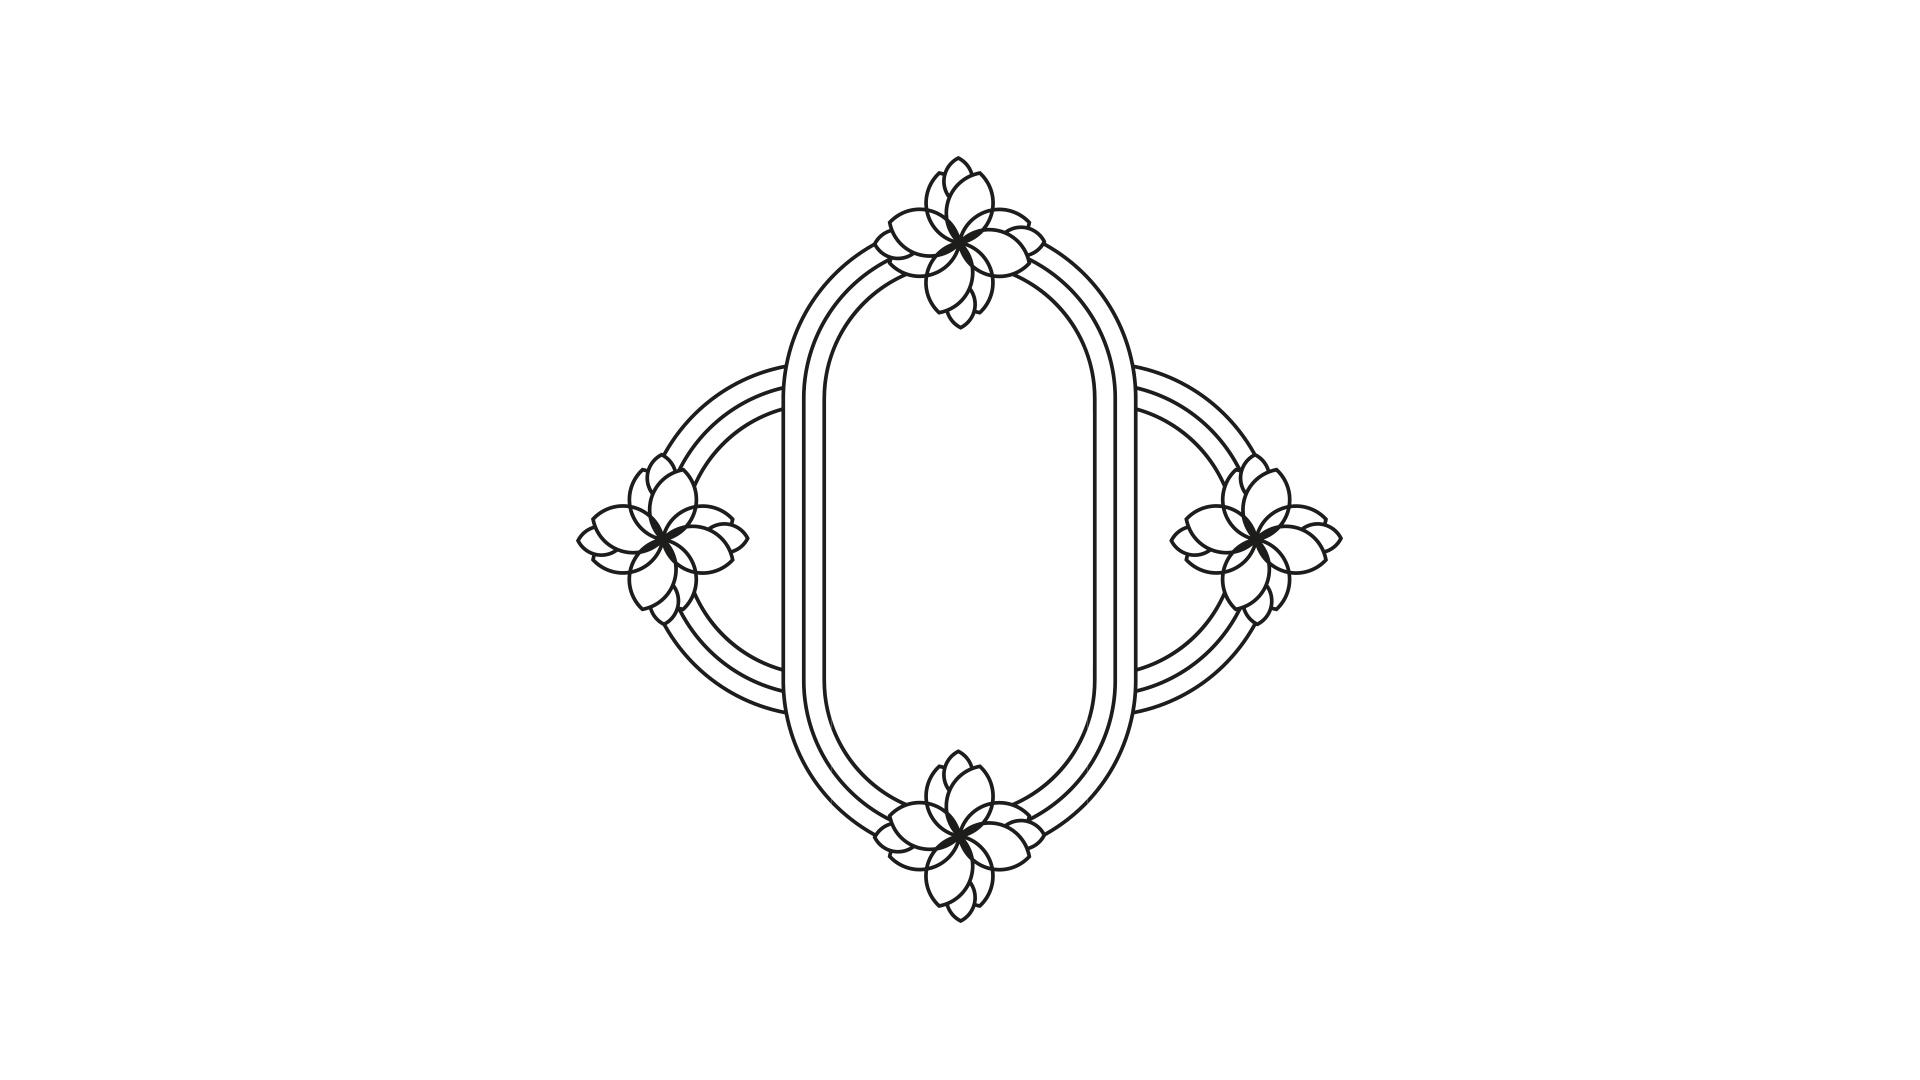 pittogramma_senzaprofilo